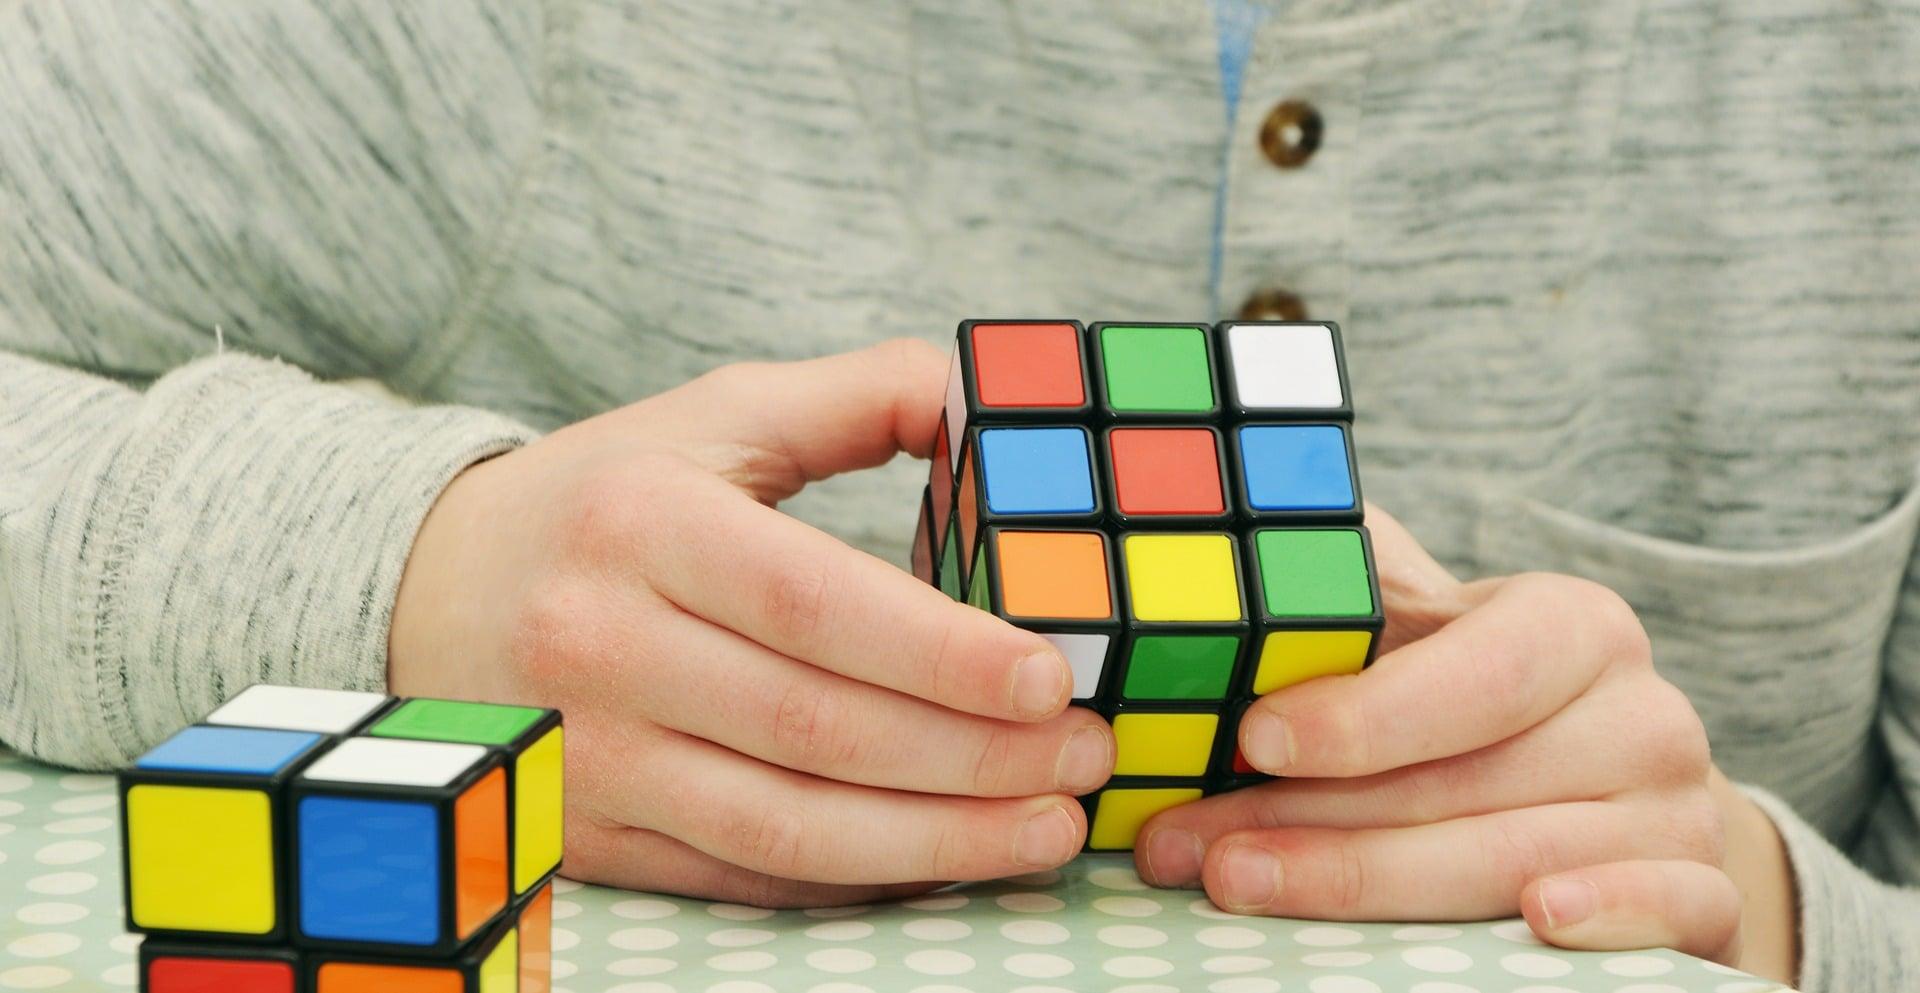 Hacer cubos de rubik te ayudará a concentrarte